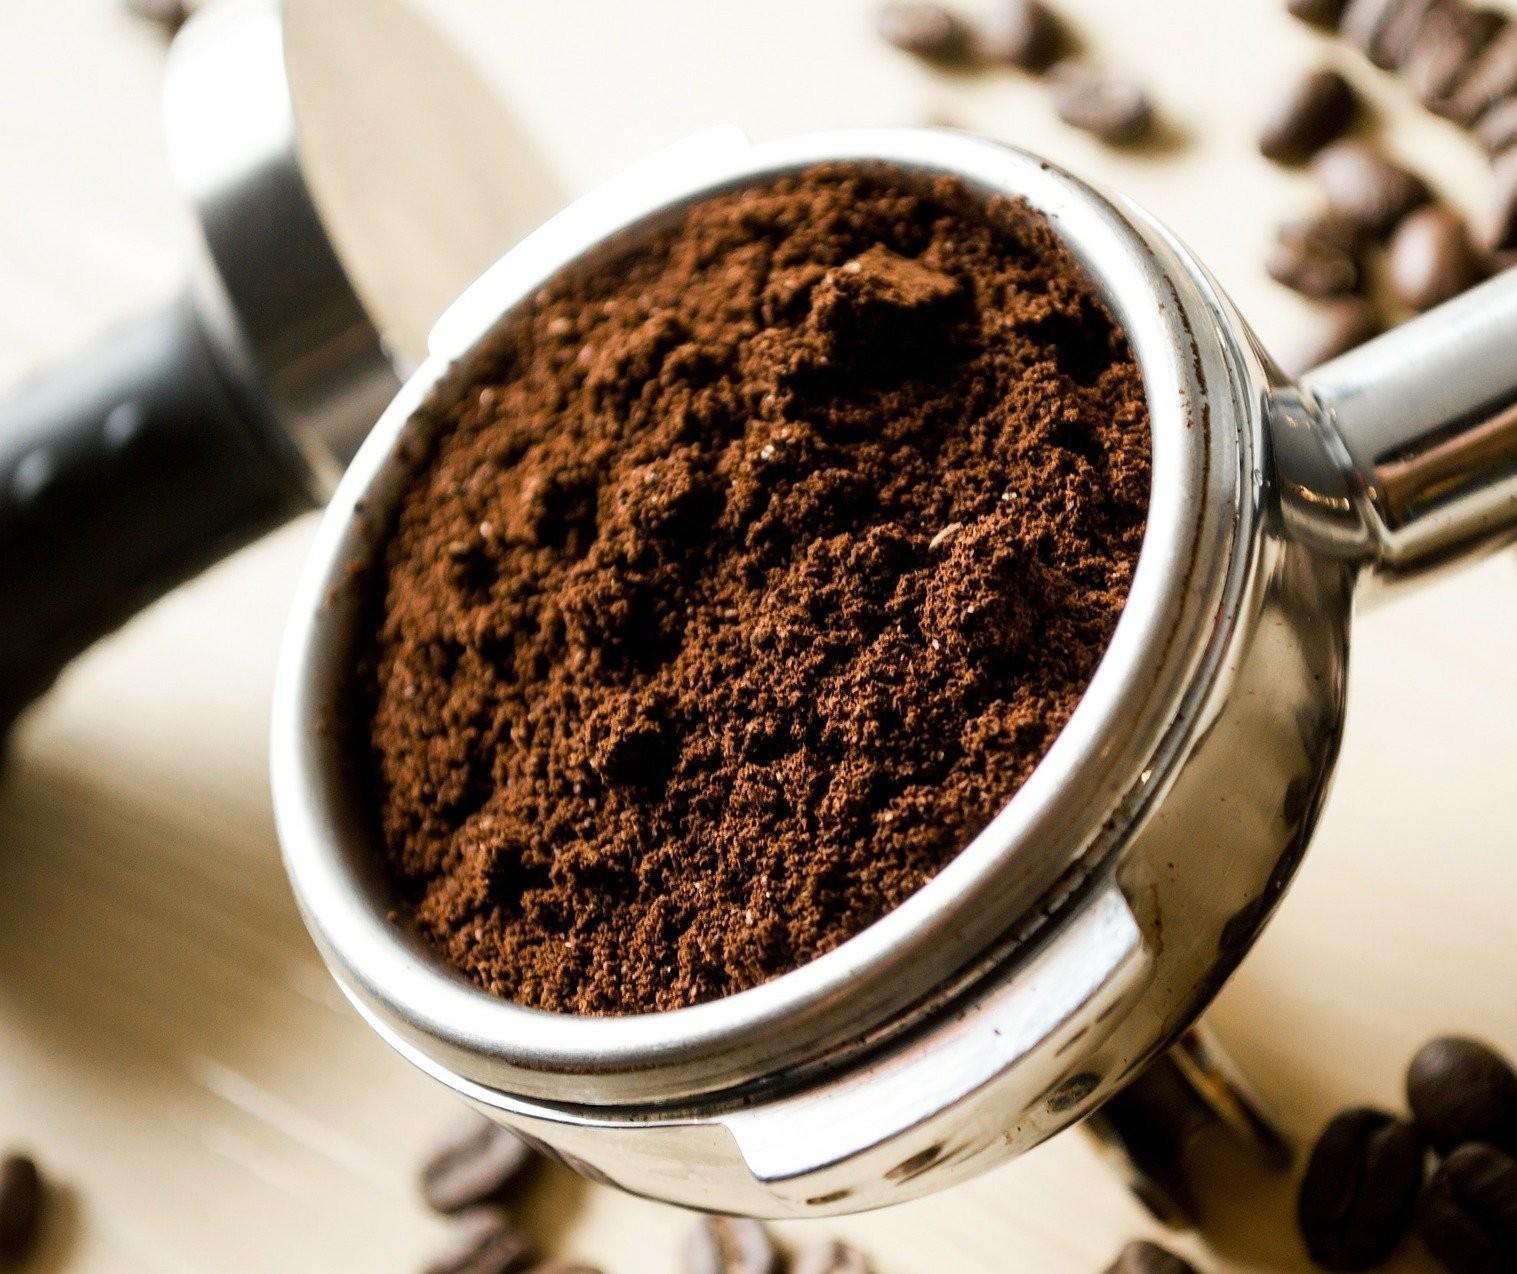 Café em coco custa R$ 8,30 o quilo na região de Maringá